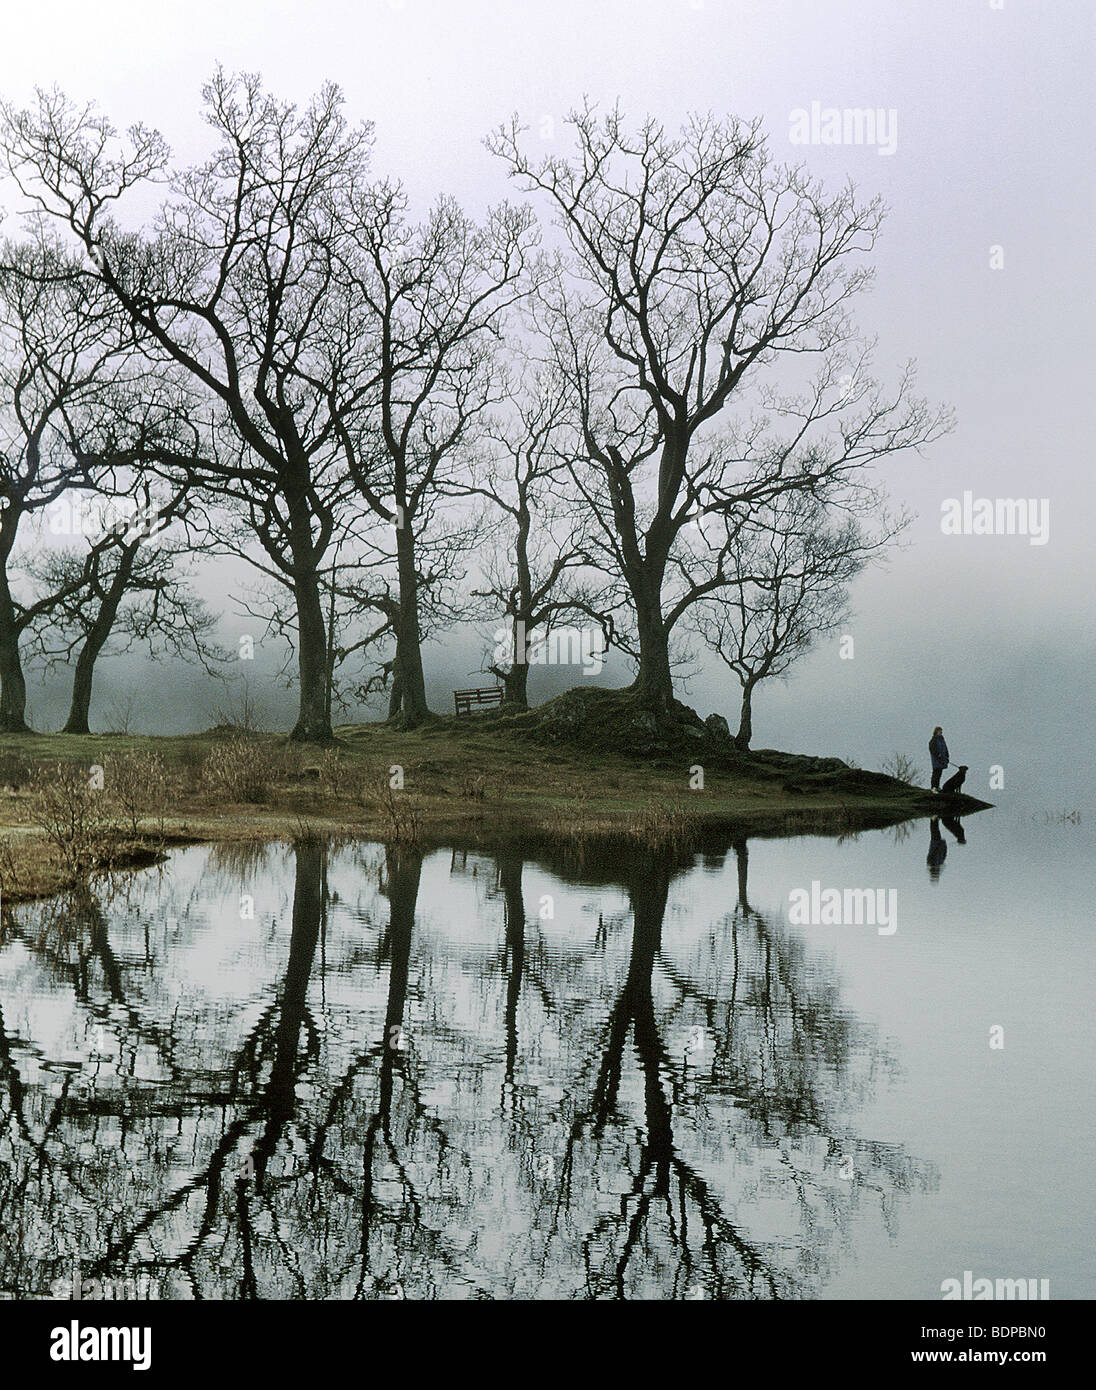 Eine Figur mit einem Hund an einem See mit Bäumen Stockbild